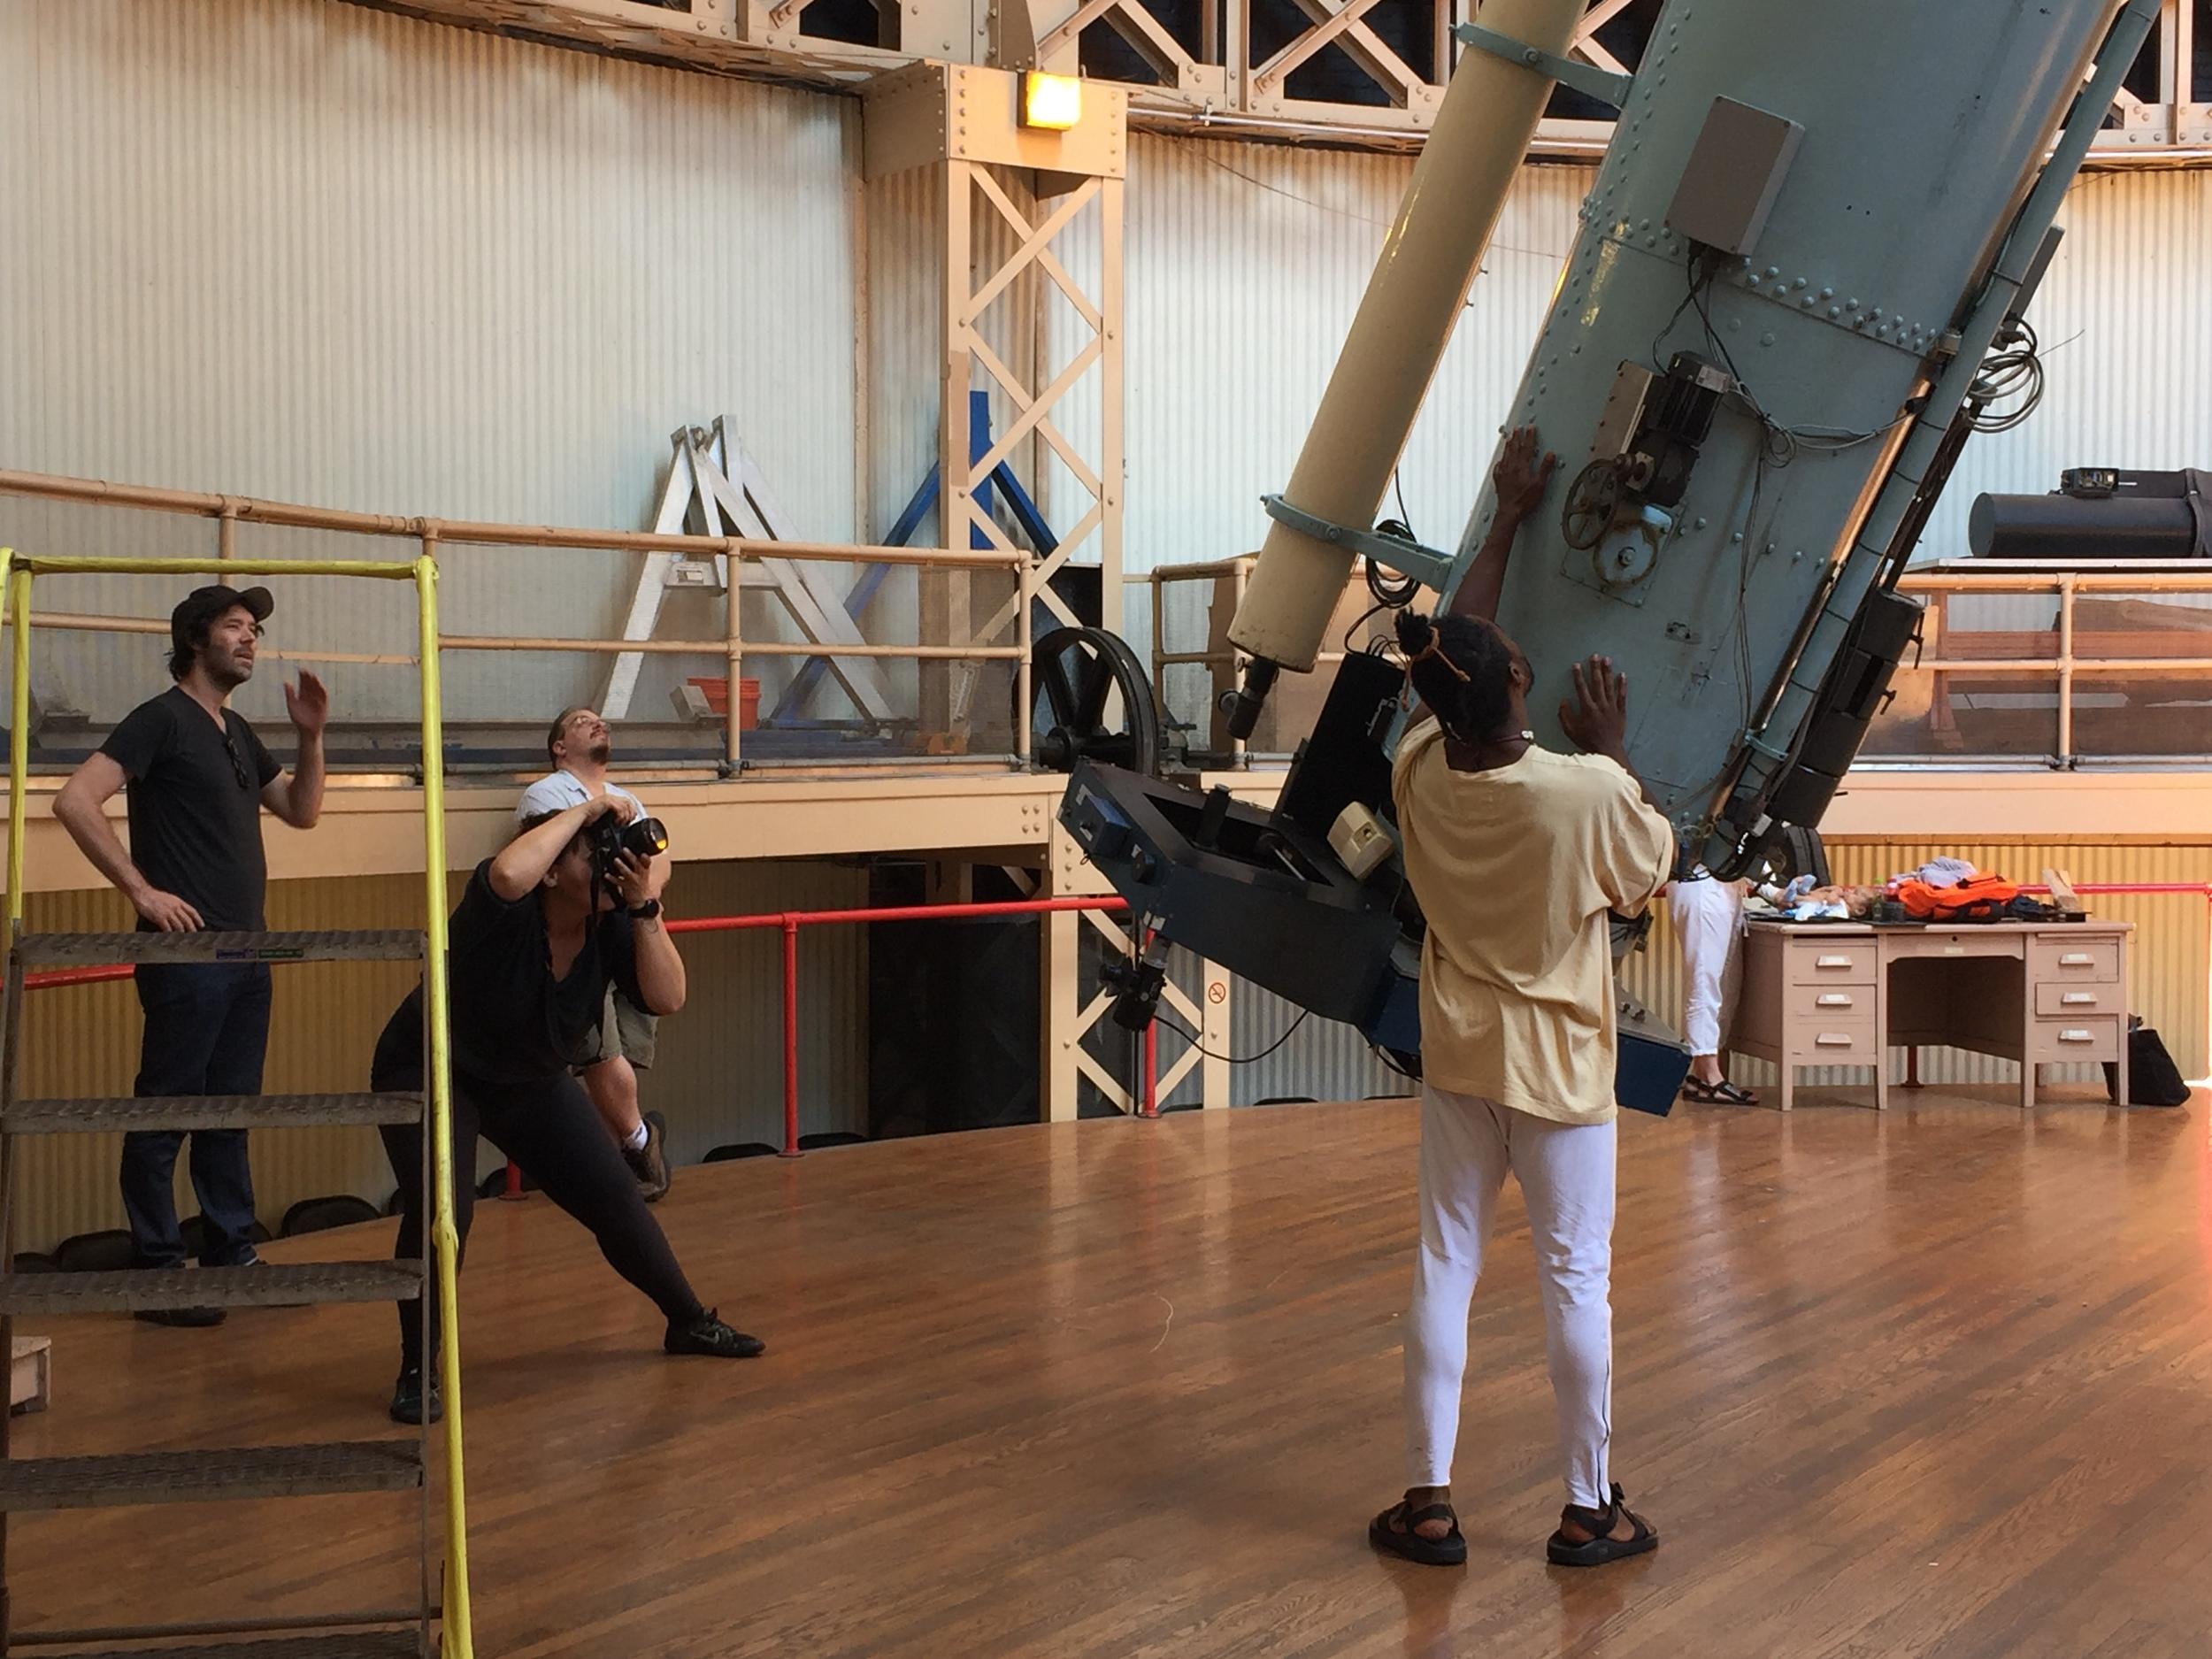 003 - Telescope - 06 SG.JPG